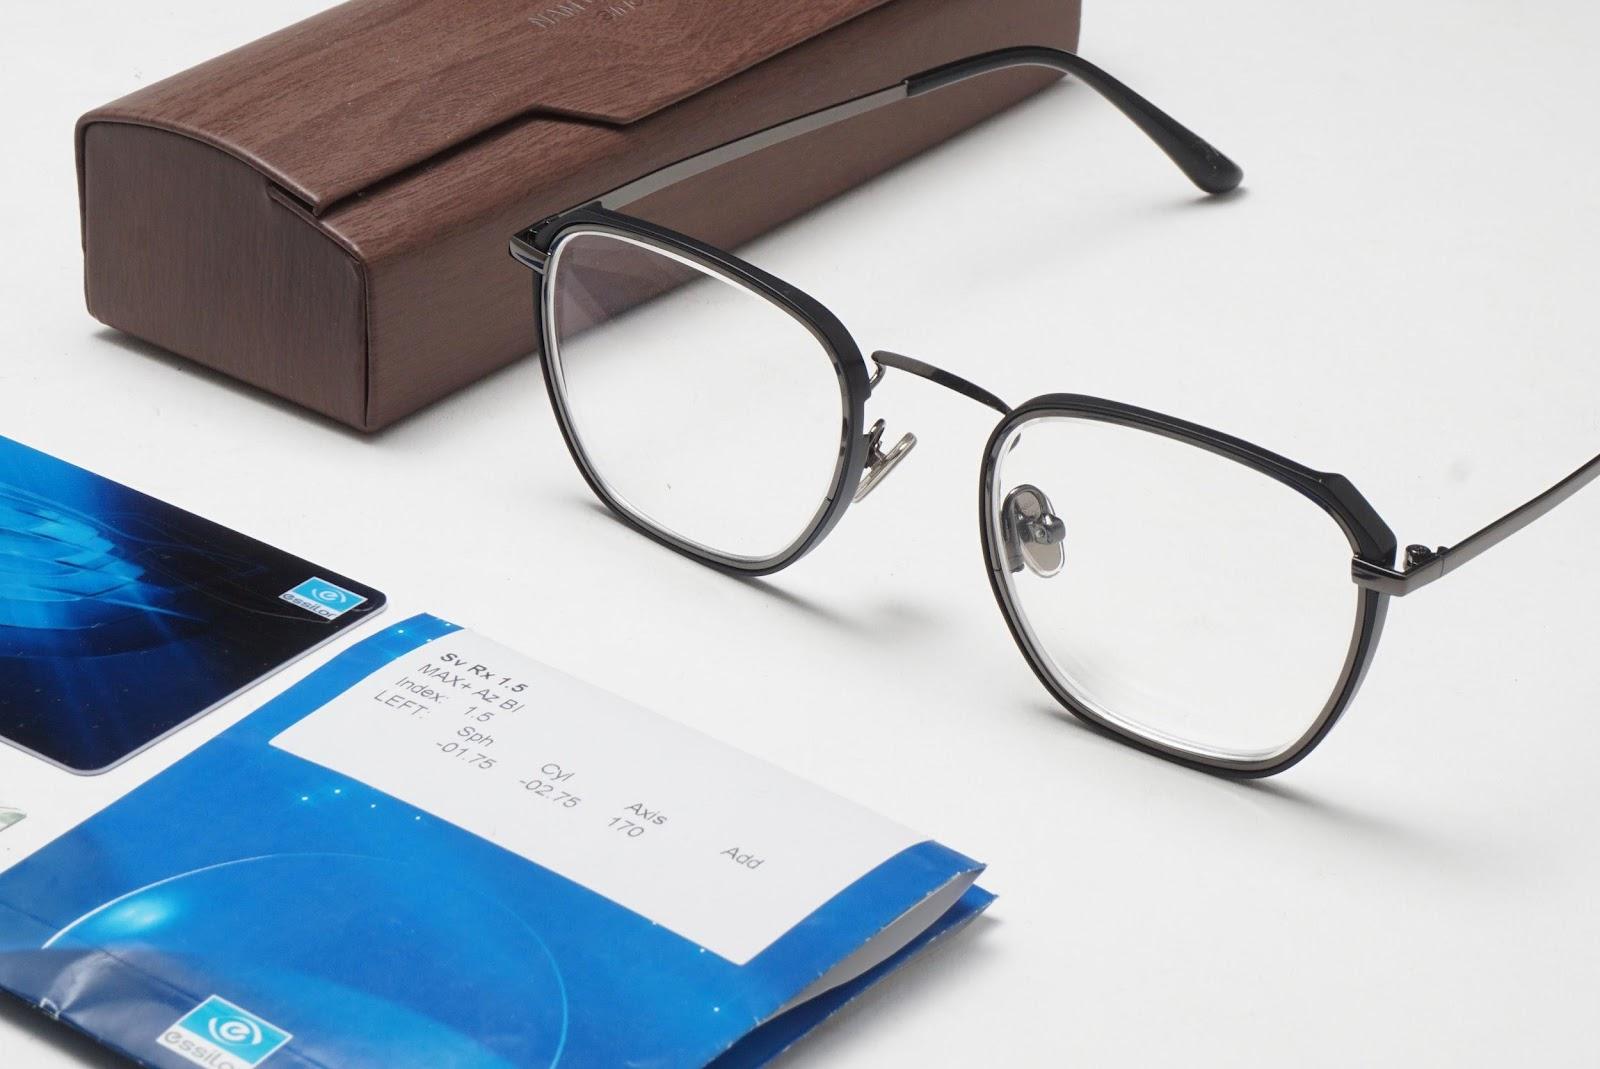 Có nên mua tròng kính Max AZ Essilor không? - 277041